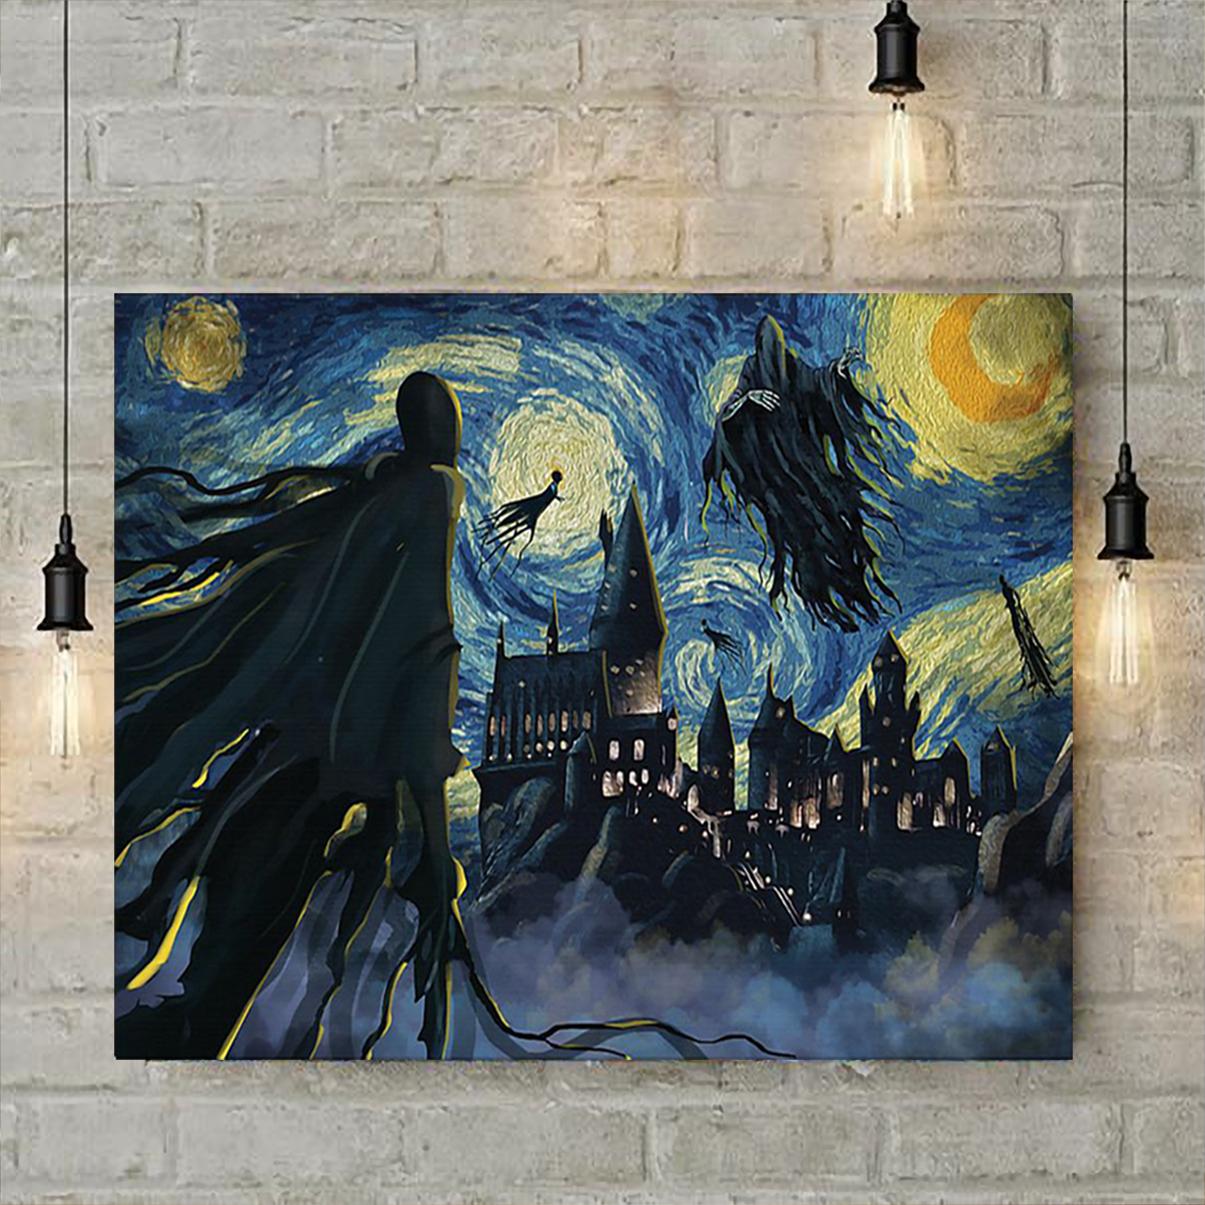 Dementor hogwarts starry night van gogh poster A1